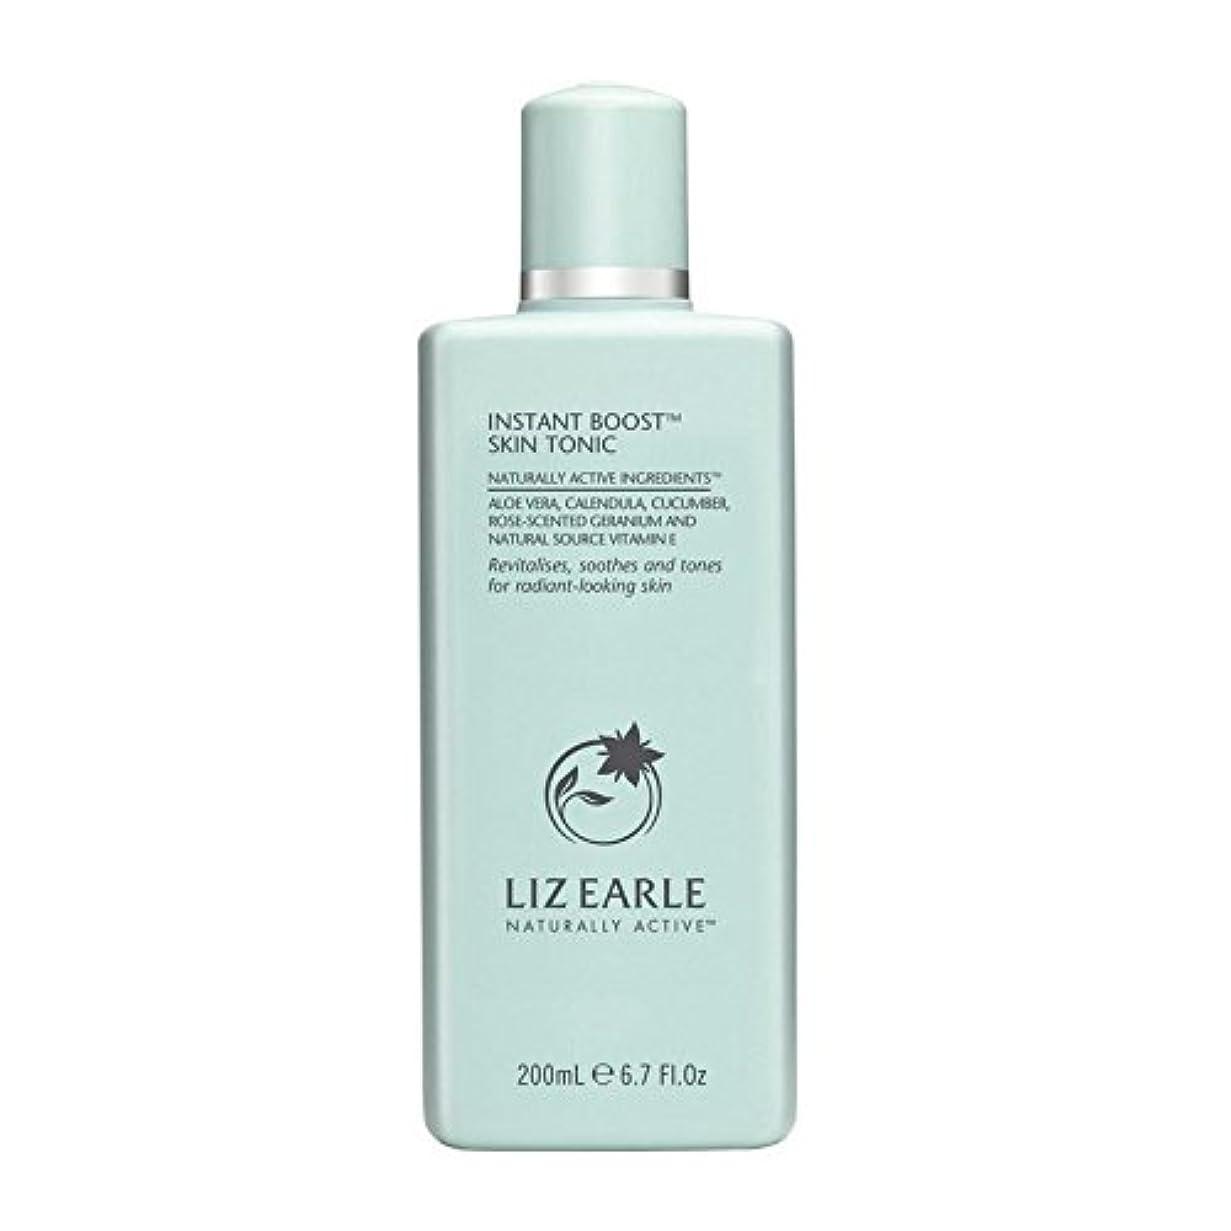 れんが経過全員Liz Earle Instant Boost Skin Tonic Bottle 200ml (Pack of 6) - リズアールインスタントブーストスキントニックボトル200ミリリットル x6 [並行輸入品]